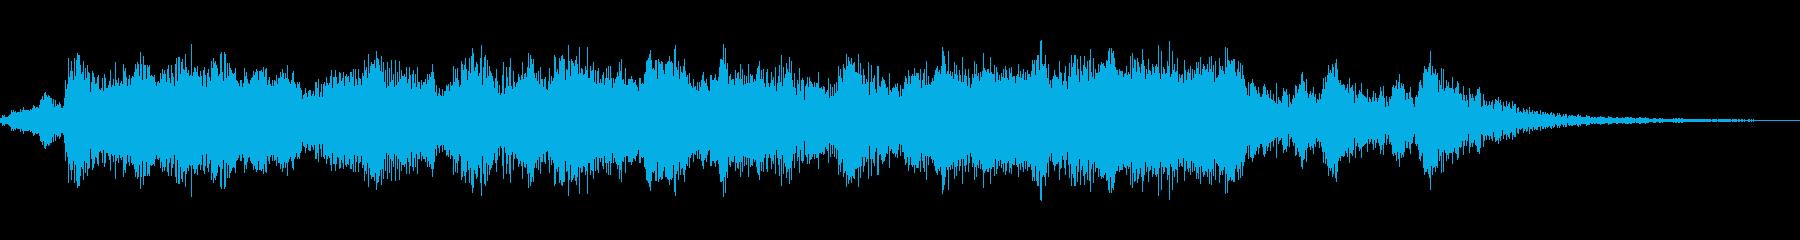 明るく軽快なオーケストラファンファーレの再生済みの波形